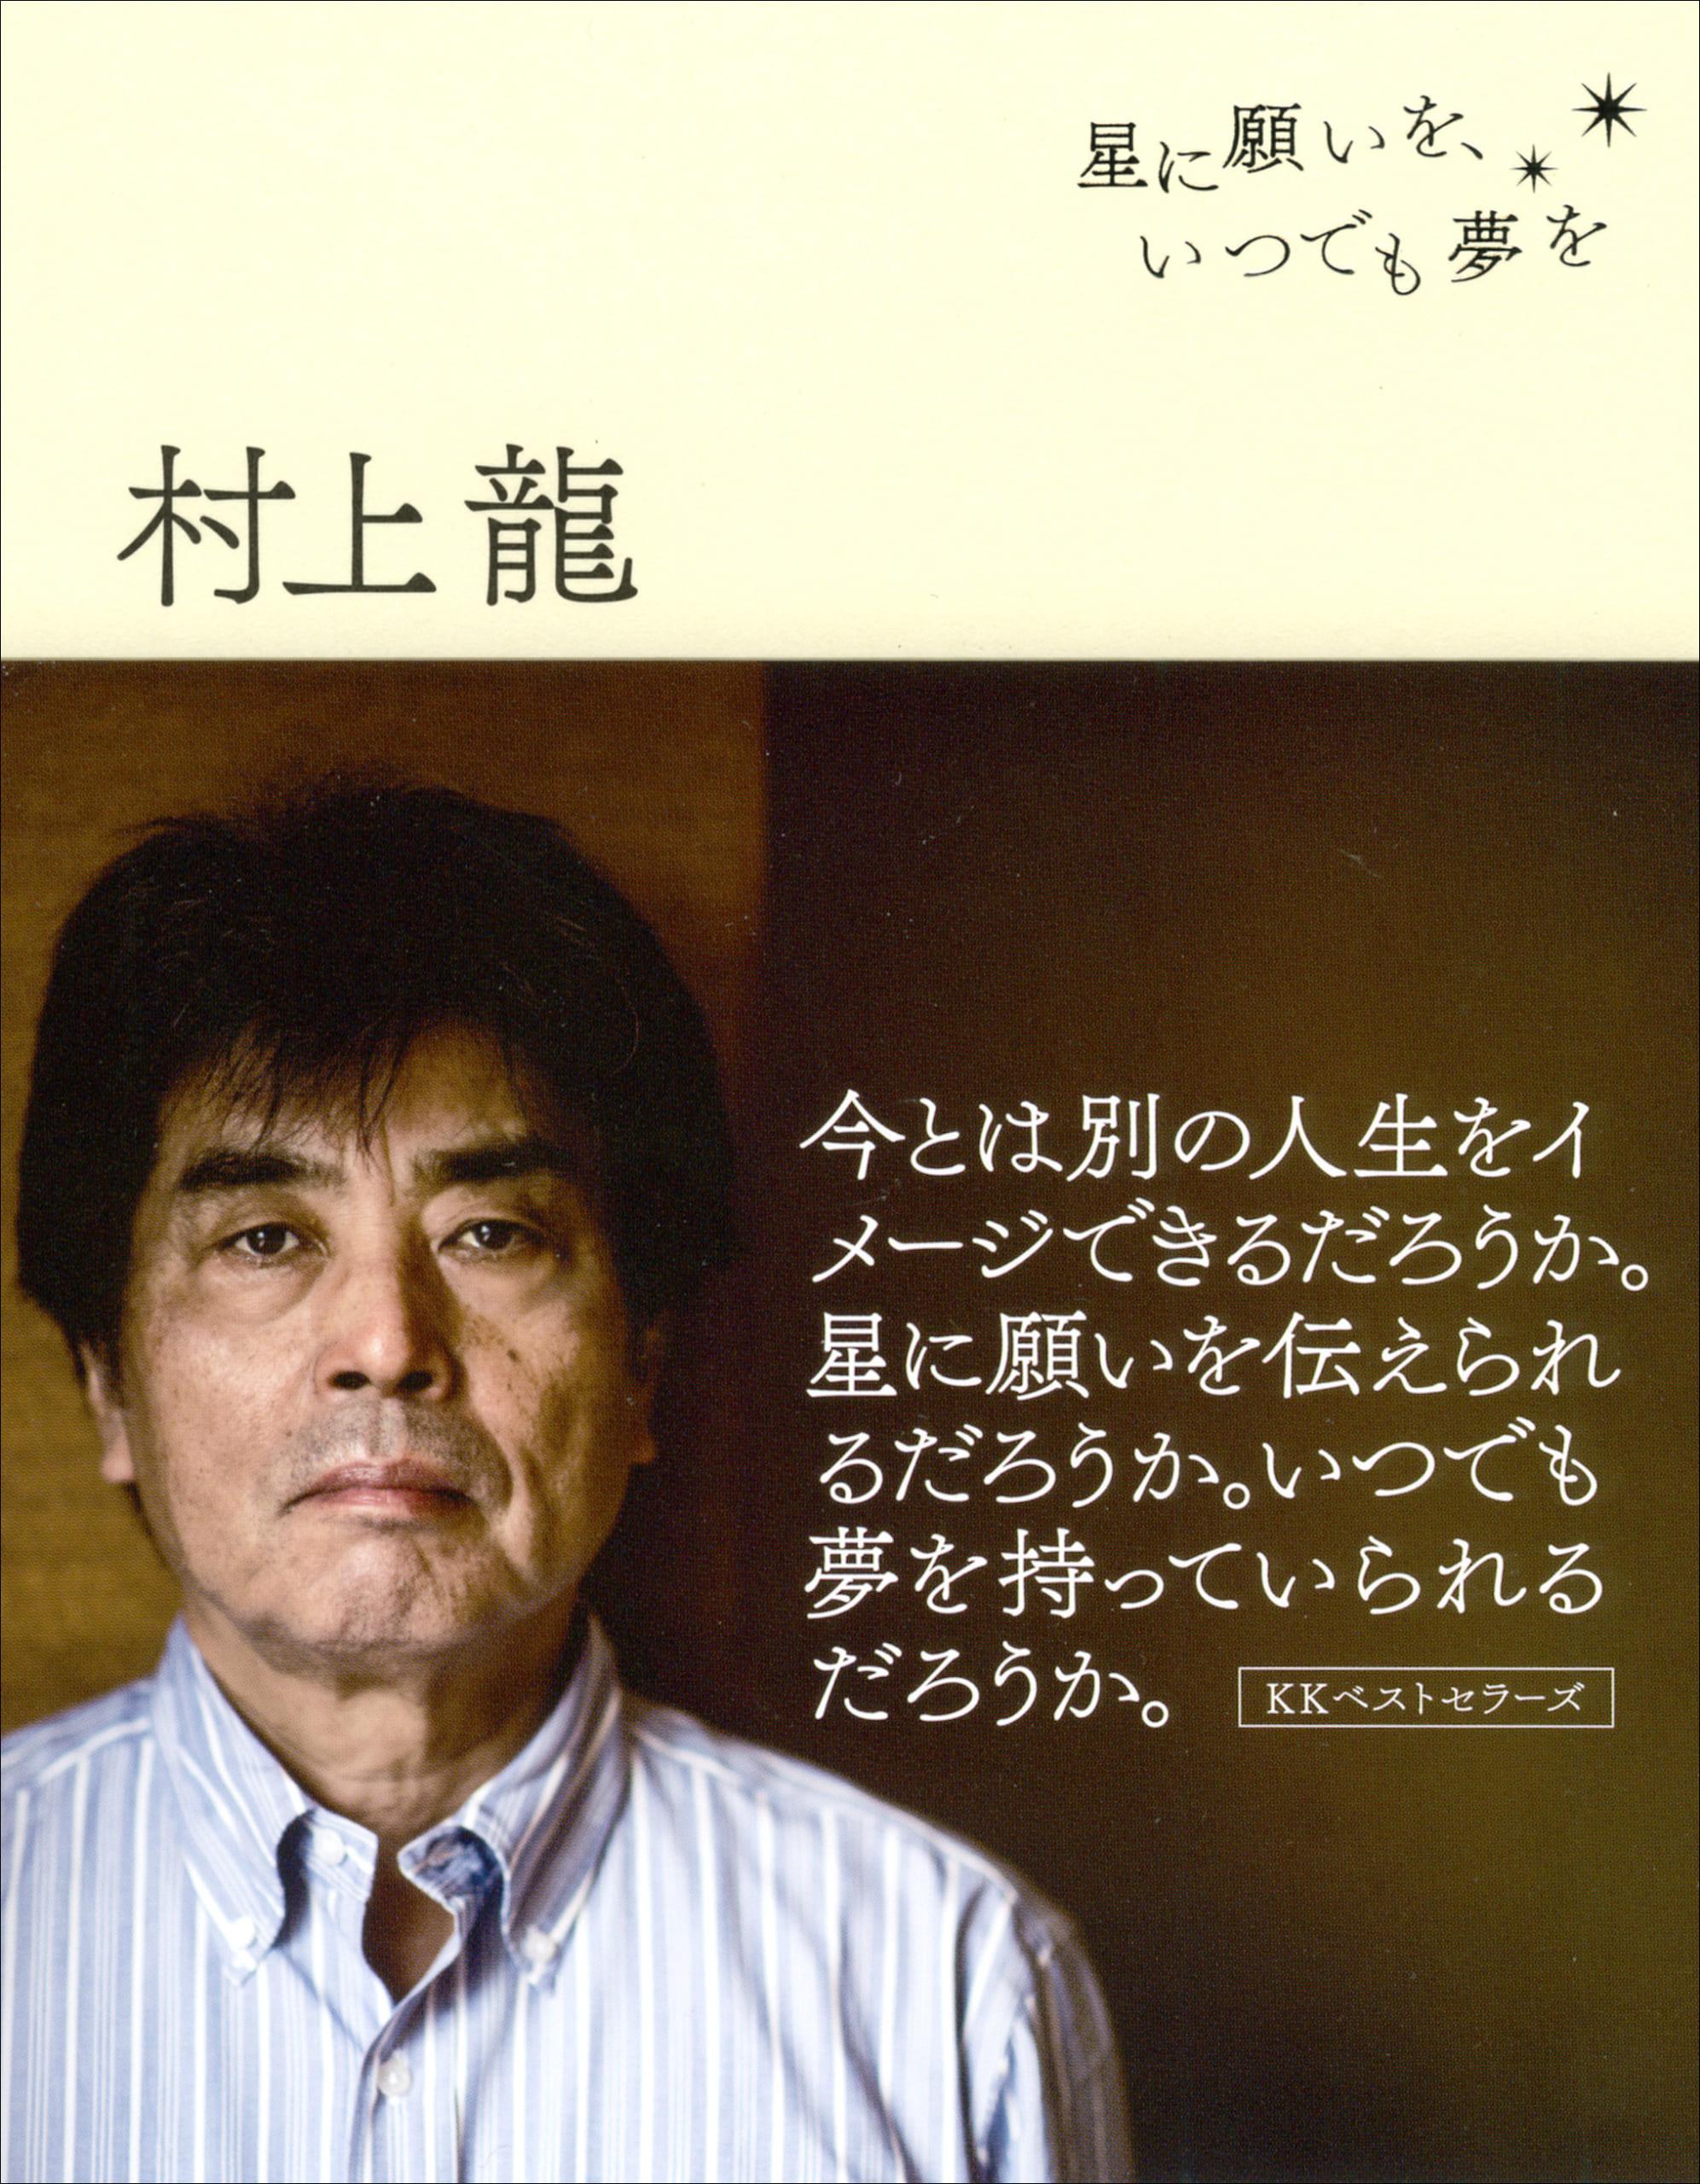 「今とは別の人生をイメージできるだろうか?」<br />村上龍・伝説のサバイバル・エッセイ、待望の最新刊を読む